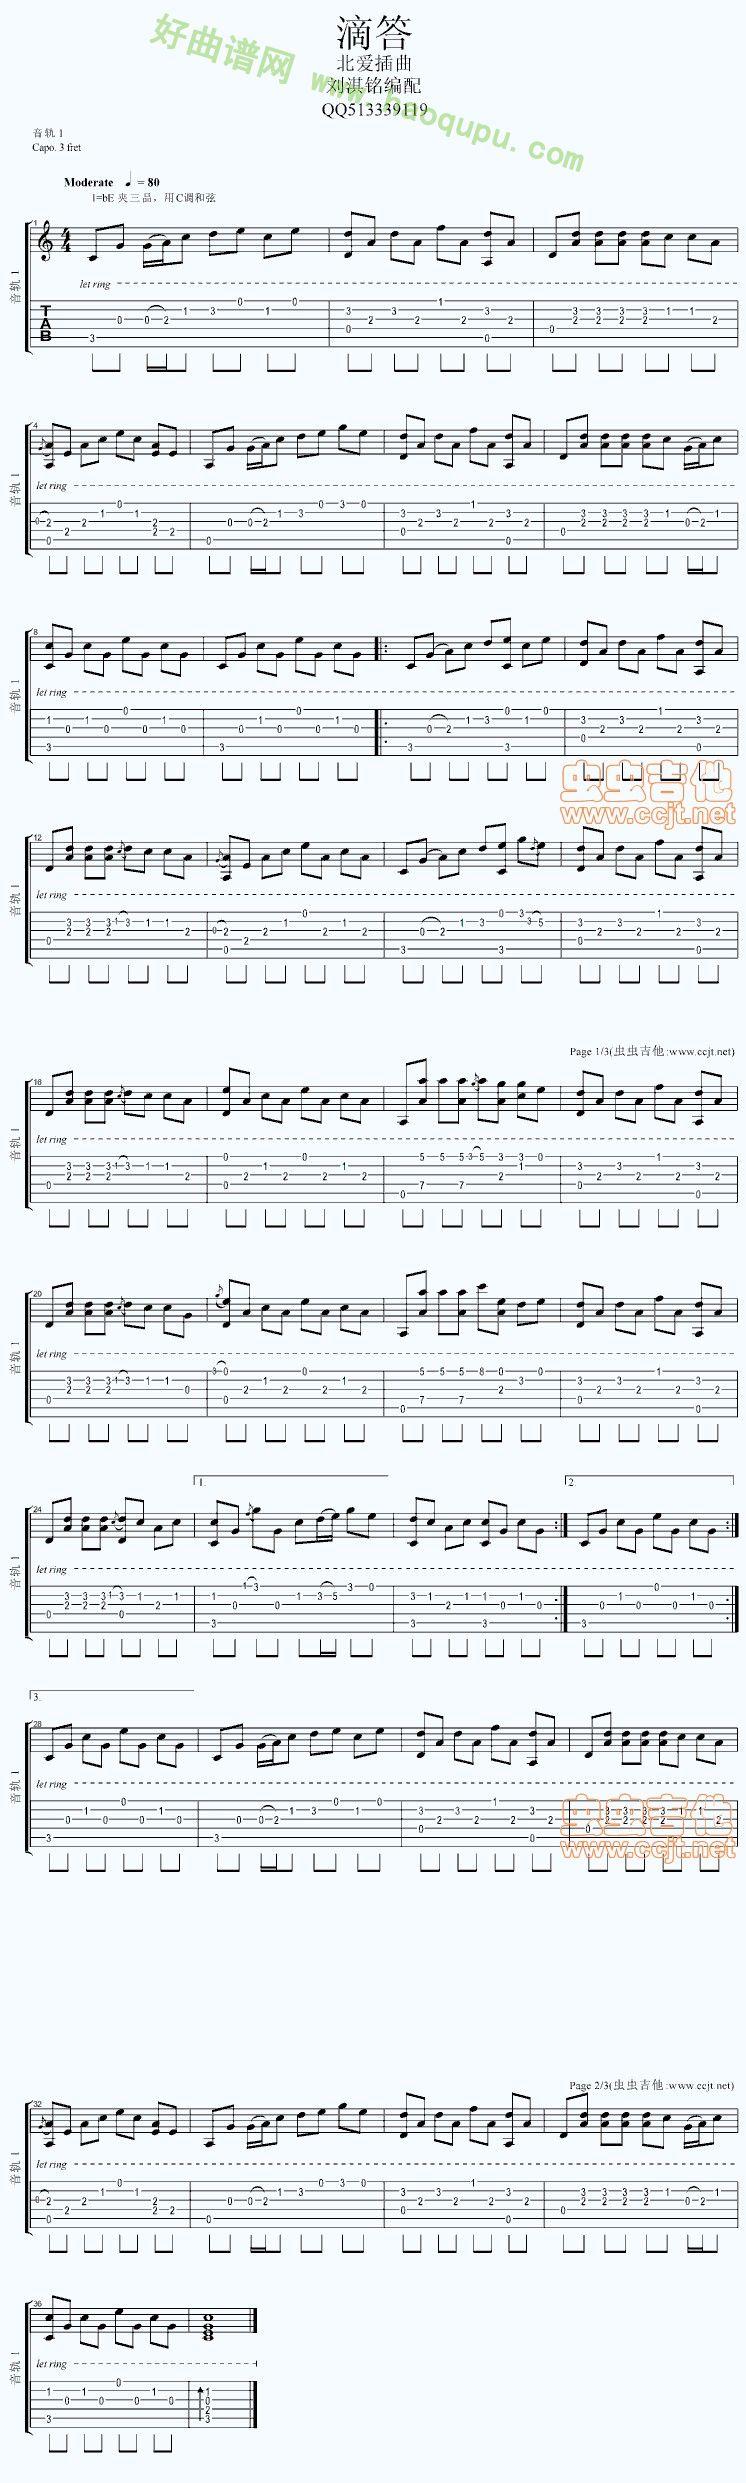 《滴答》指弹完美版 - 吉他谱_吉他曲谱_吉他歌谱